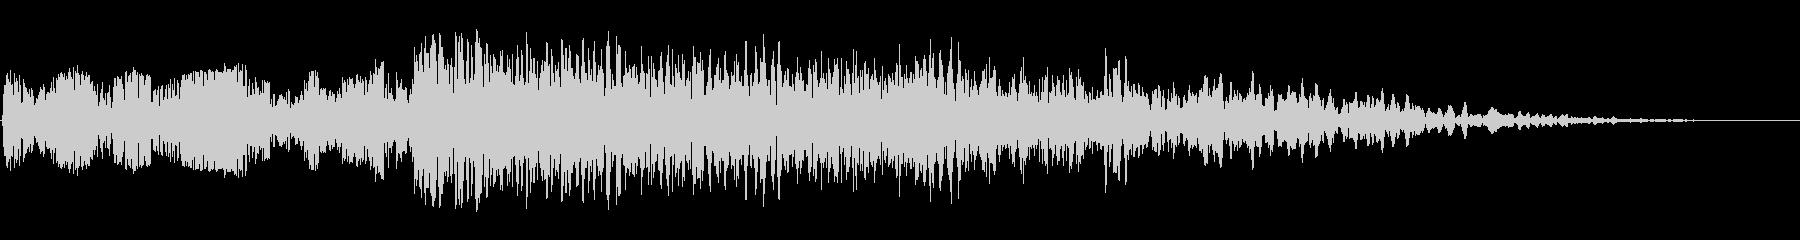 ZapAccents EC09_42_4の未再生の波形